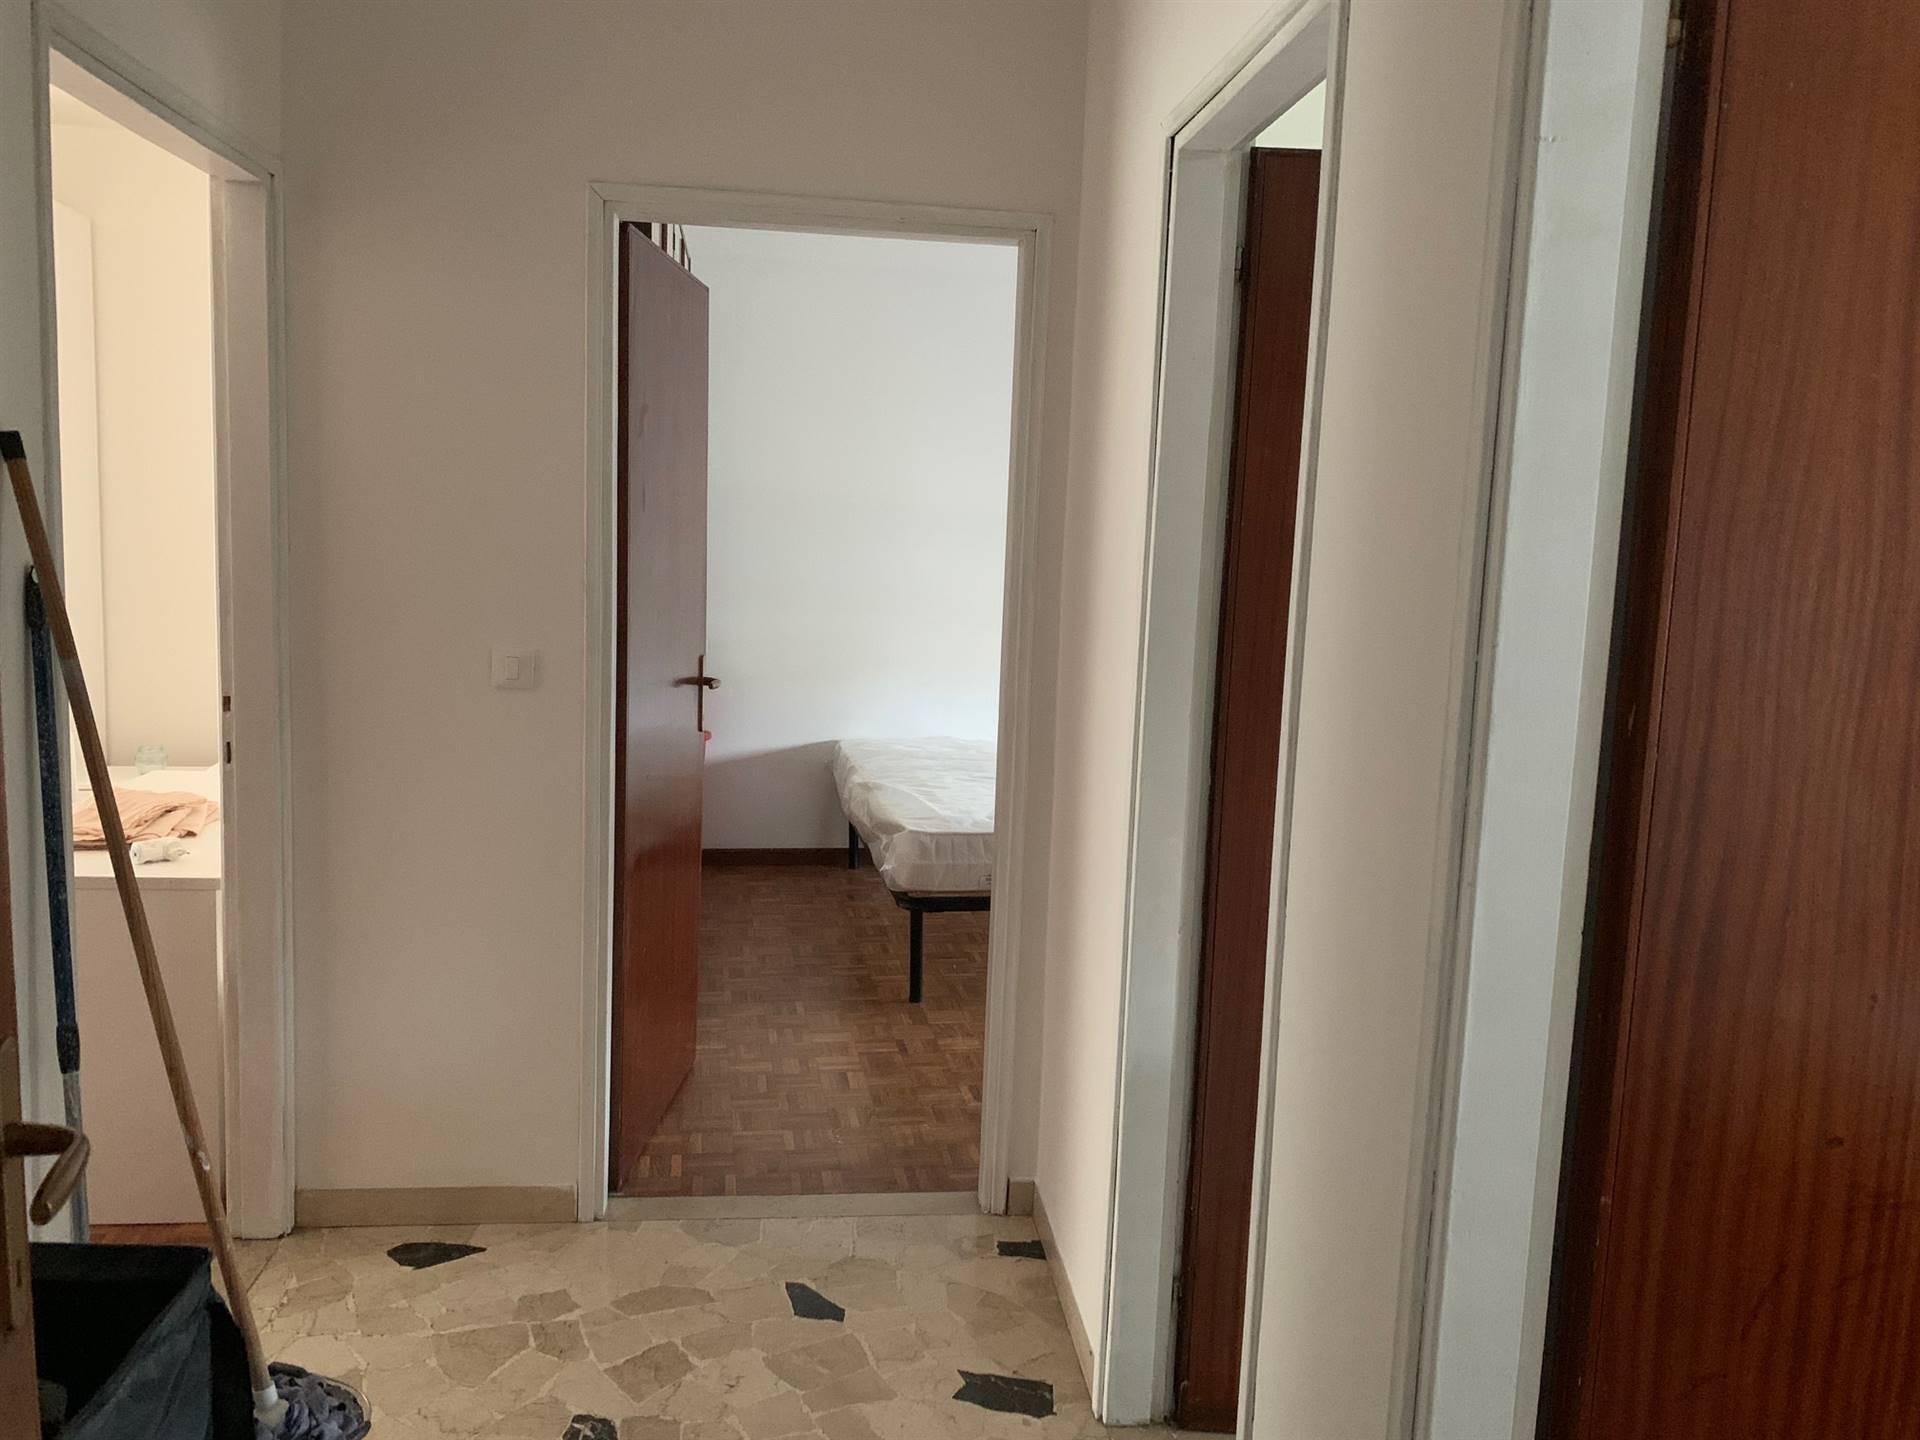 corridoio Studio C affitta appartamento 3 camere